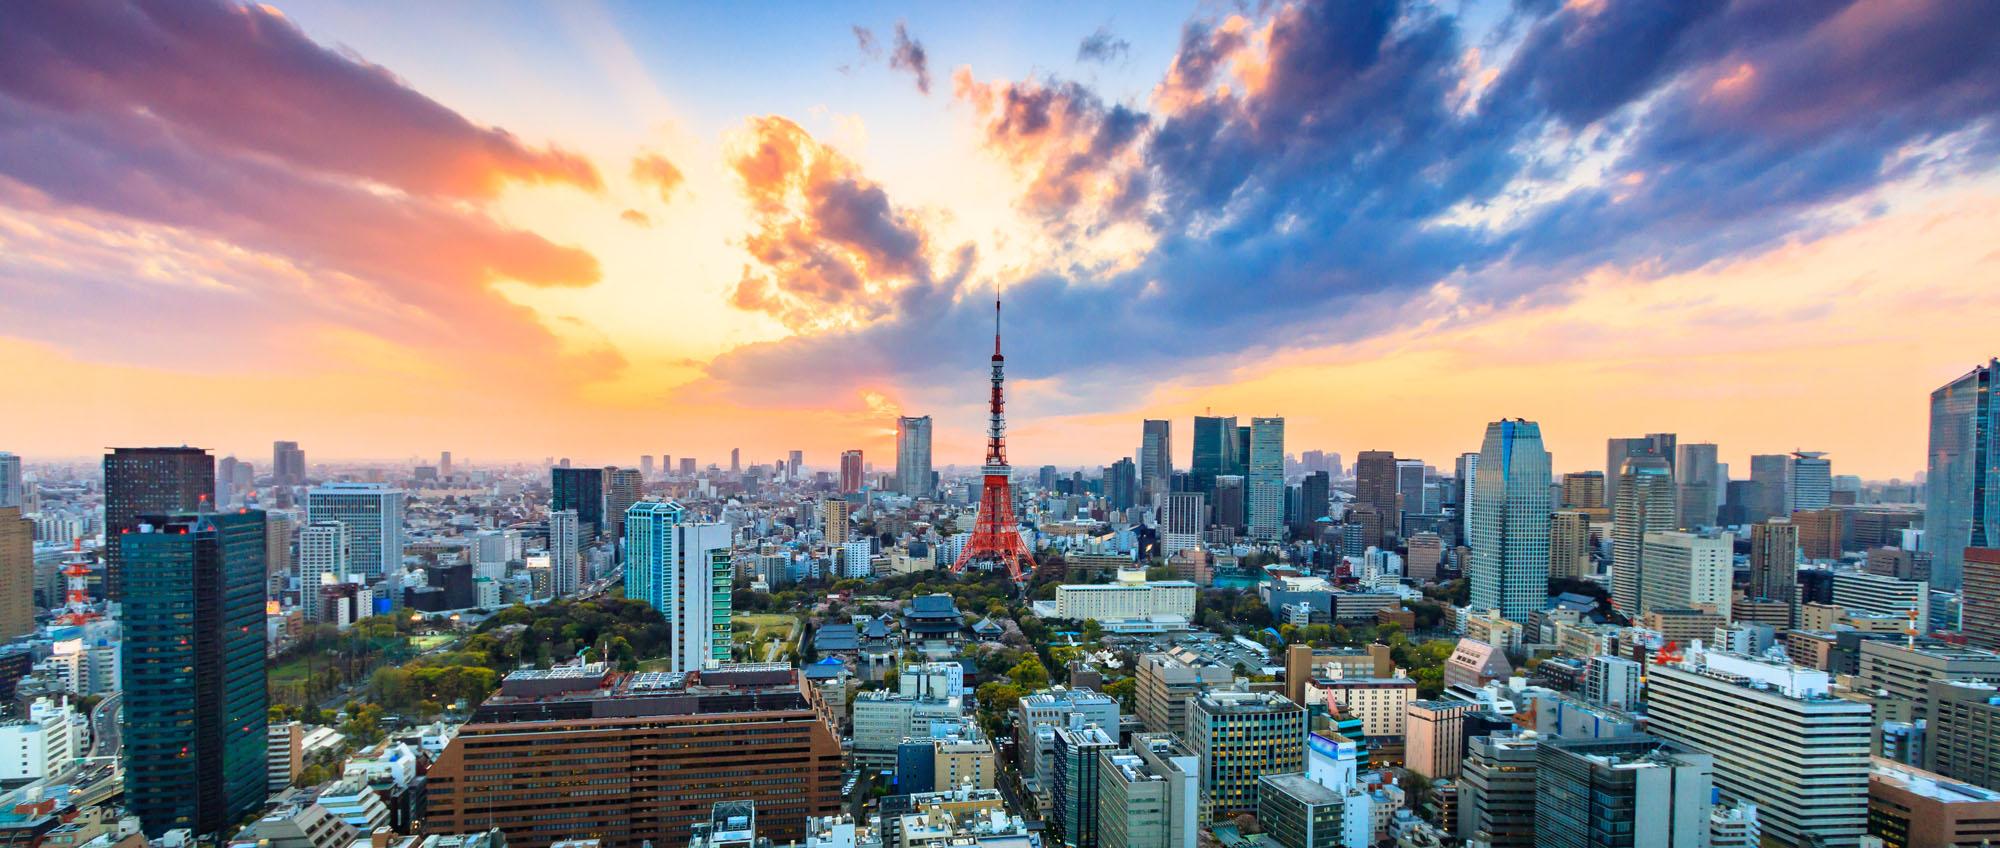 Vuelos baratos a Tokio desde Buenos Aires por ARS 37.683 finales